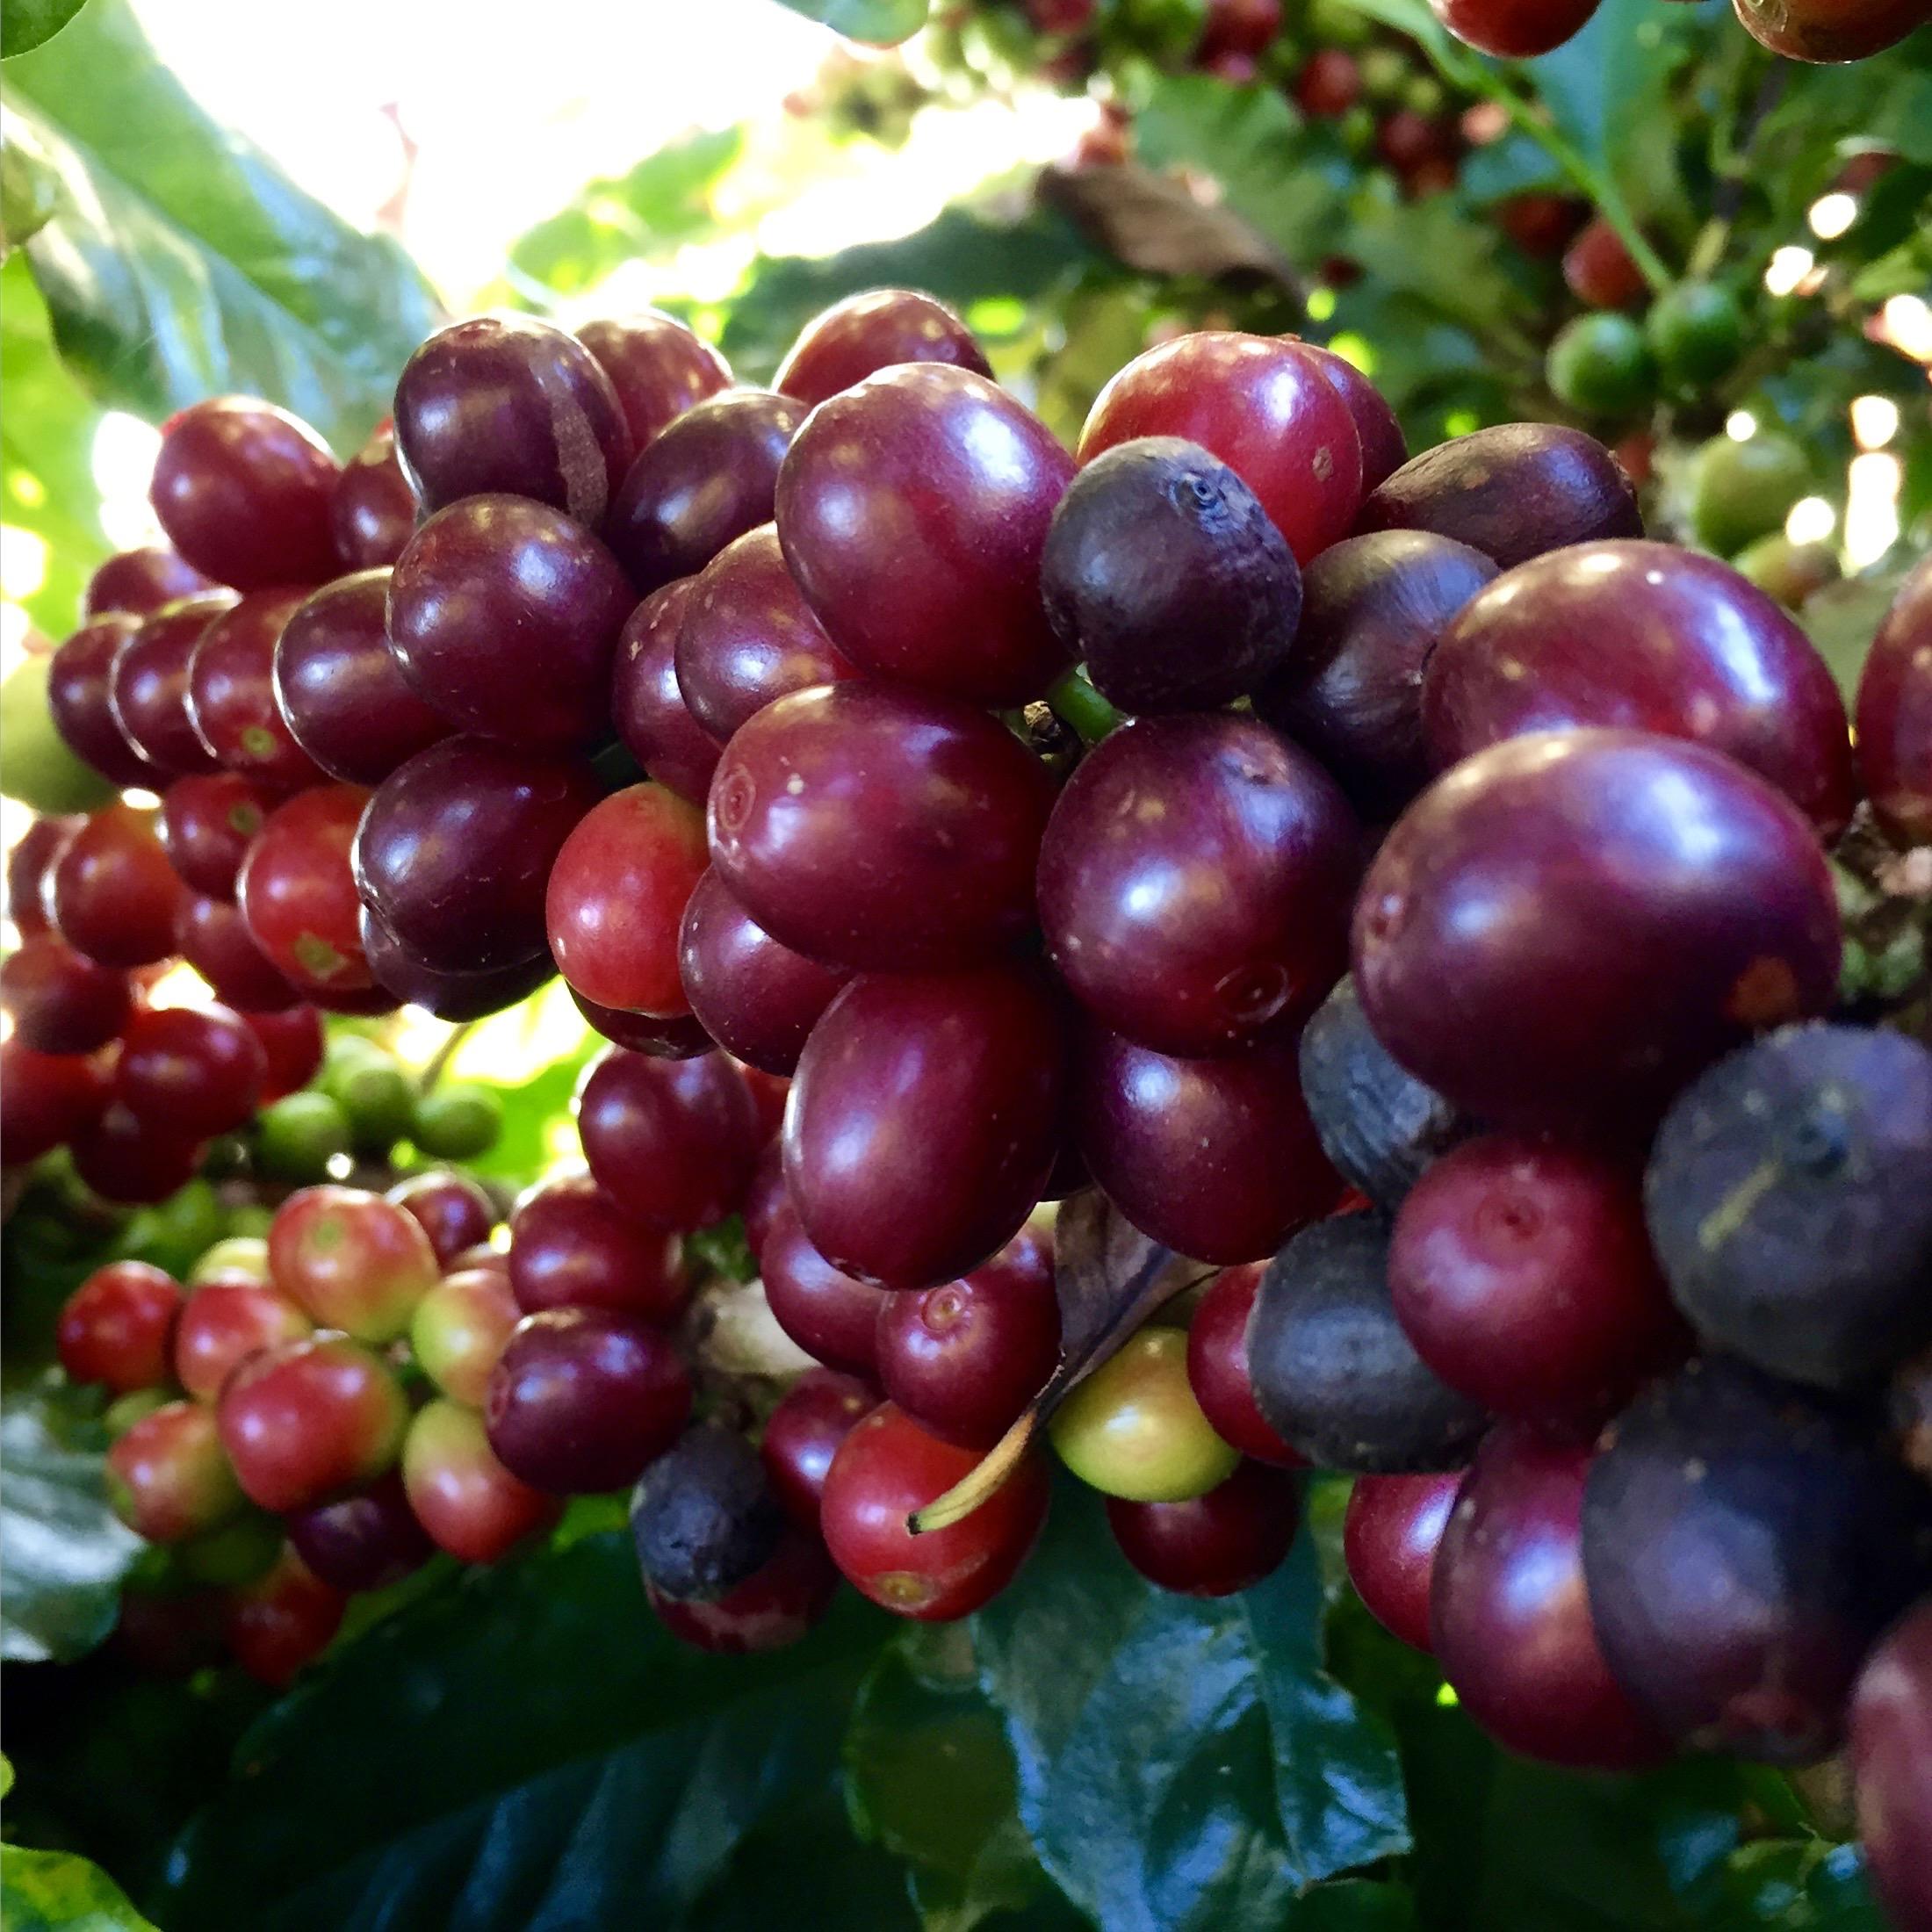 Frutas do cafeeiro em final de ciclo